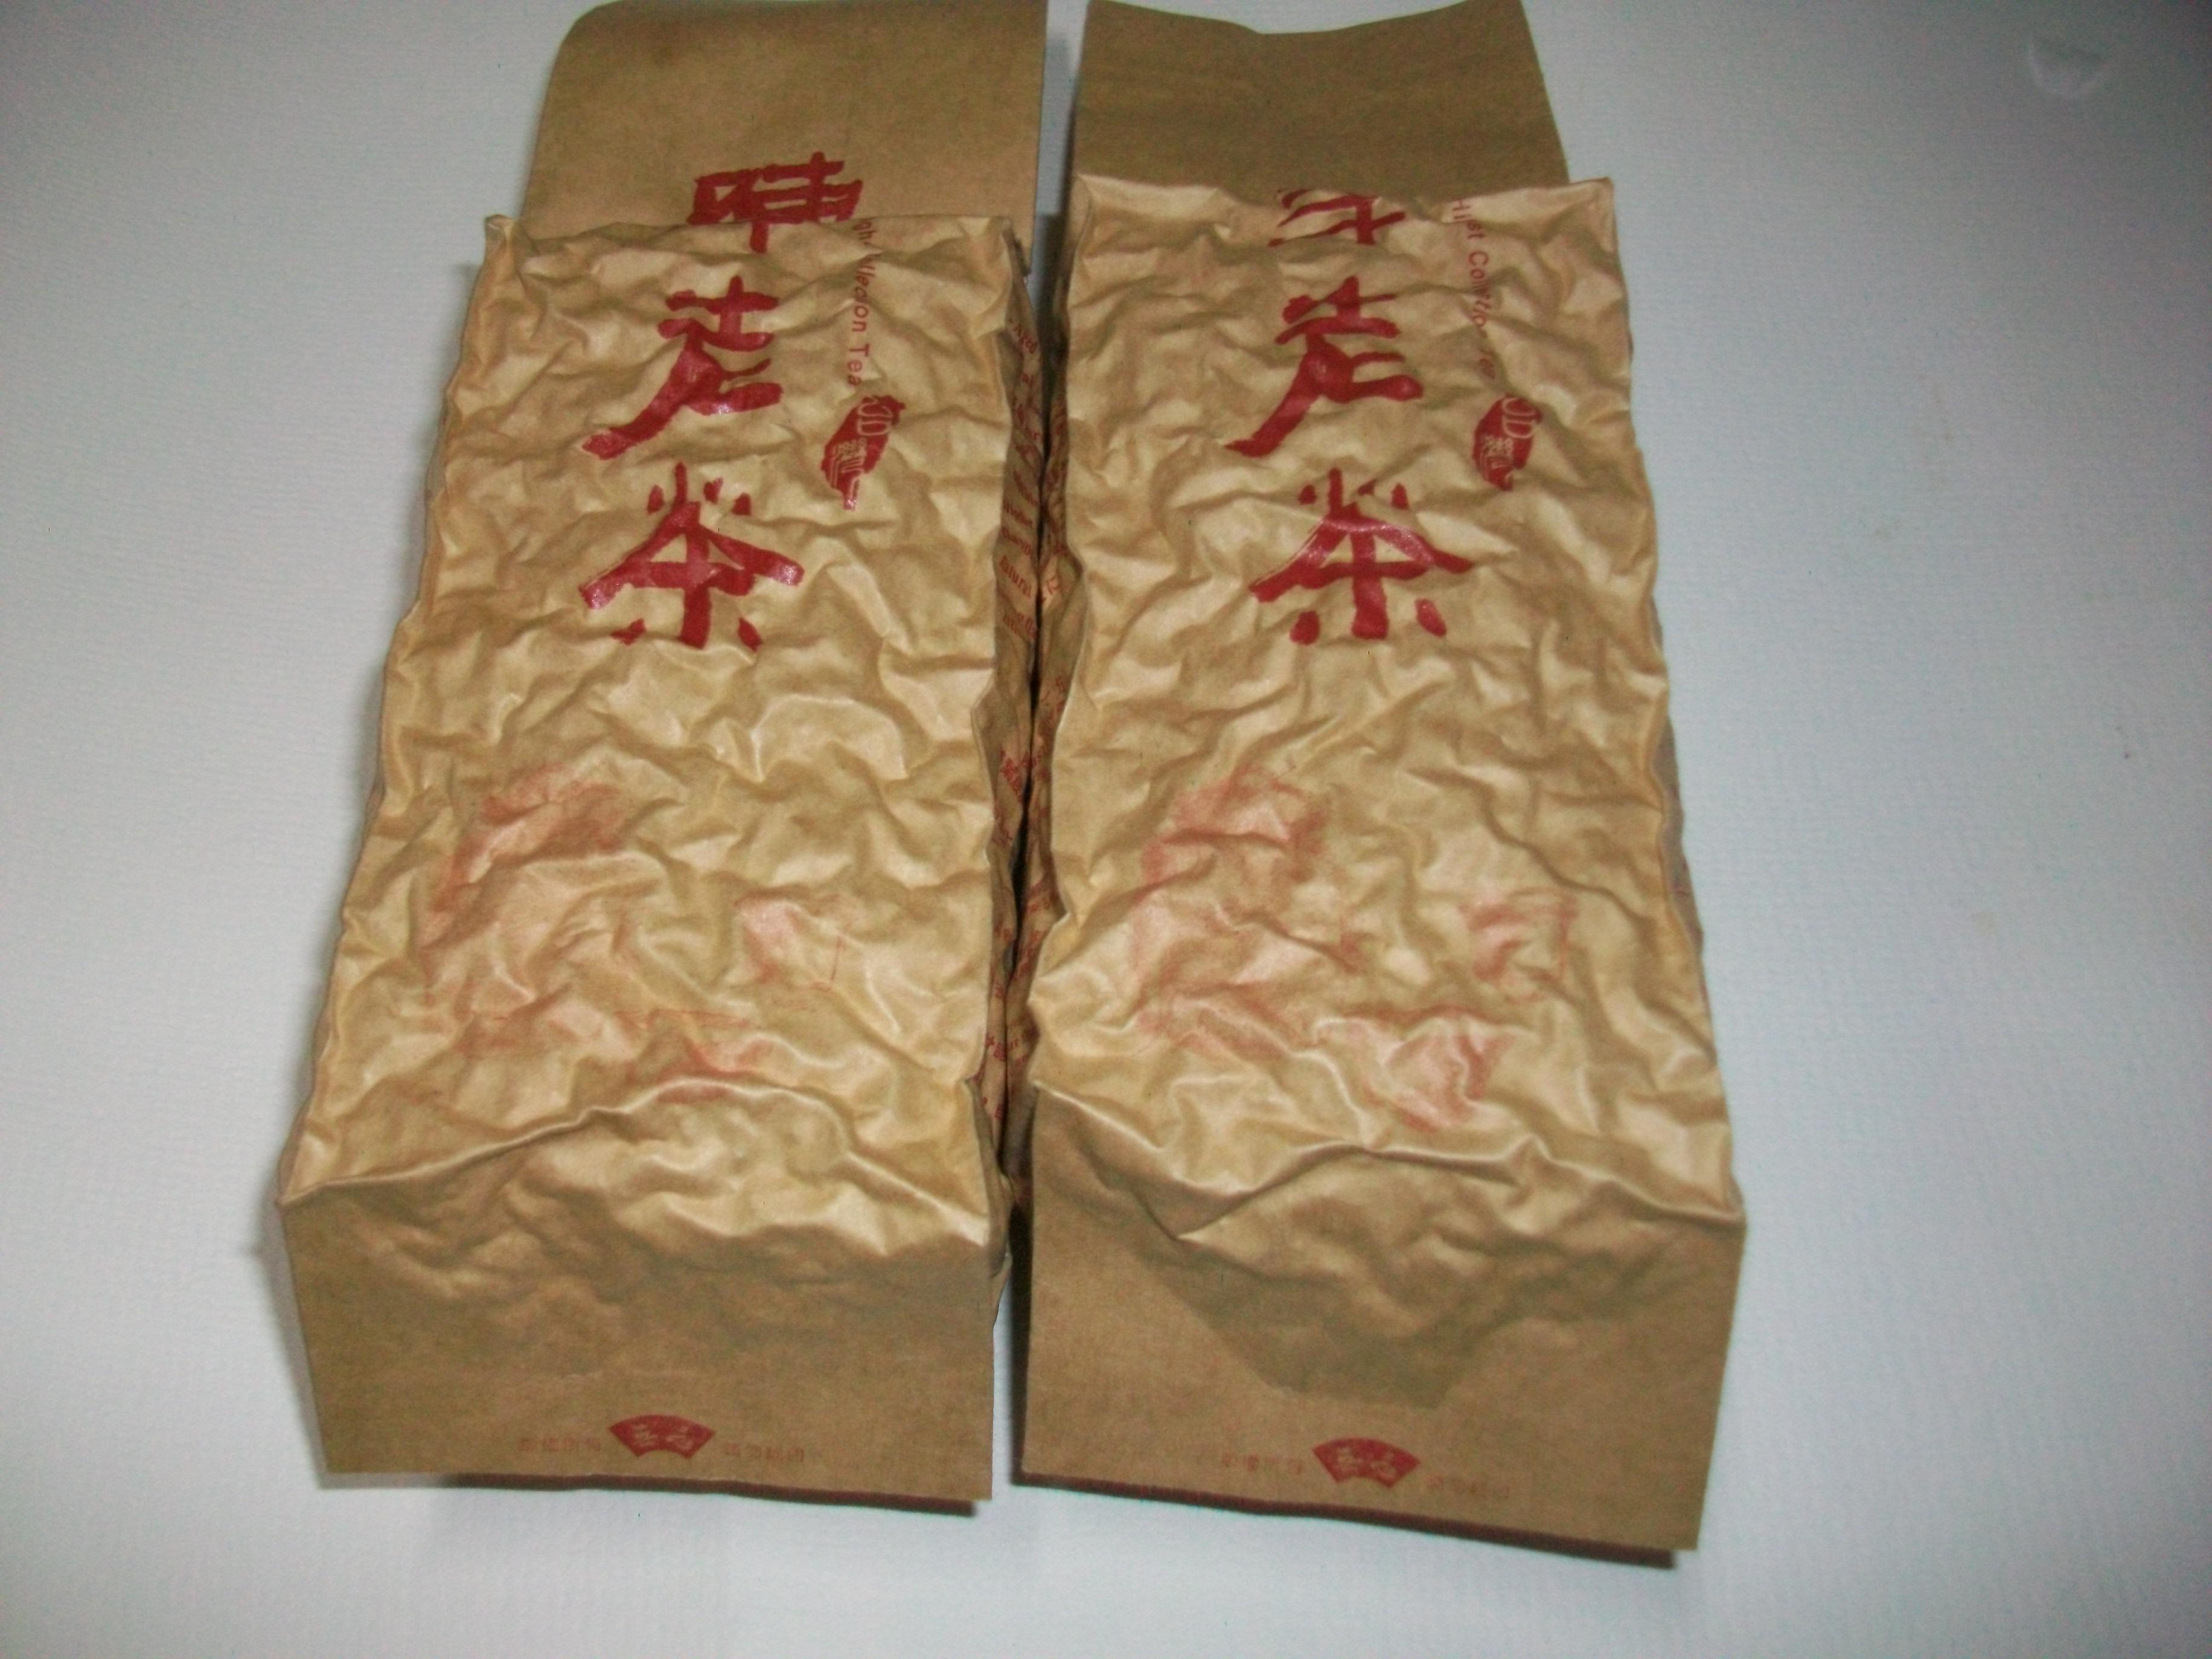 【玄砡茶業】台灣陳年老茶4兩裝一包(150g)共四包【全熟四季春茶】